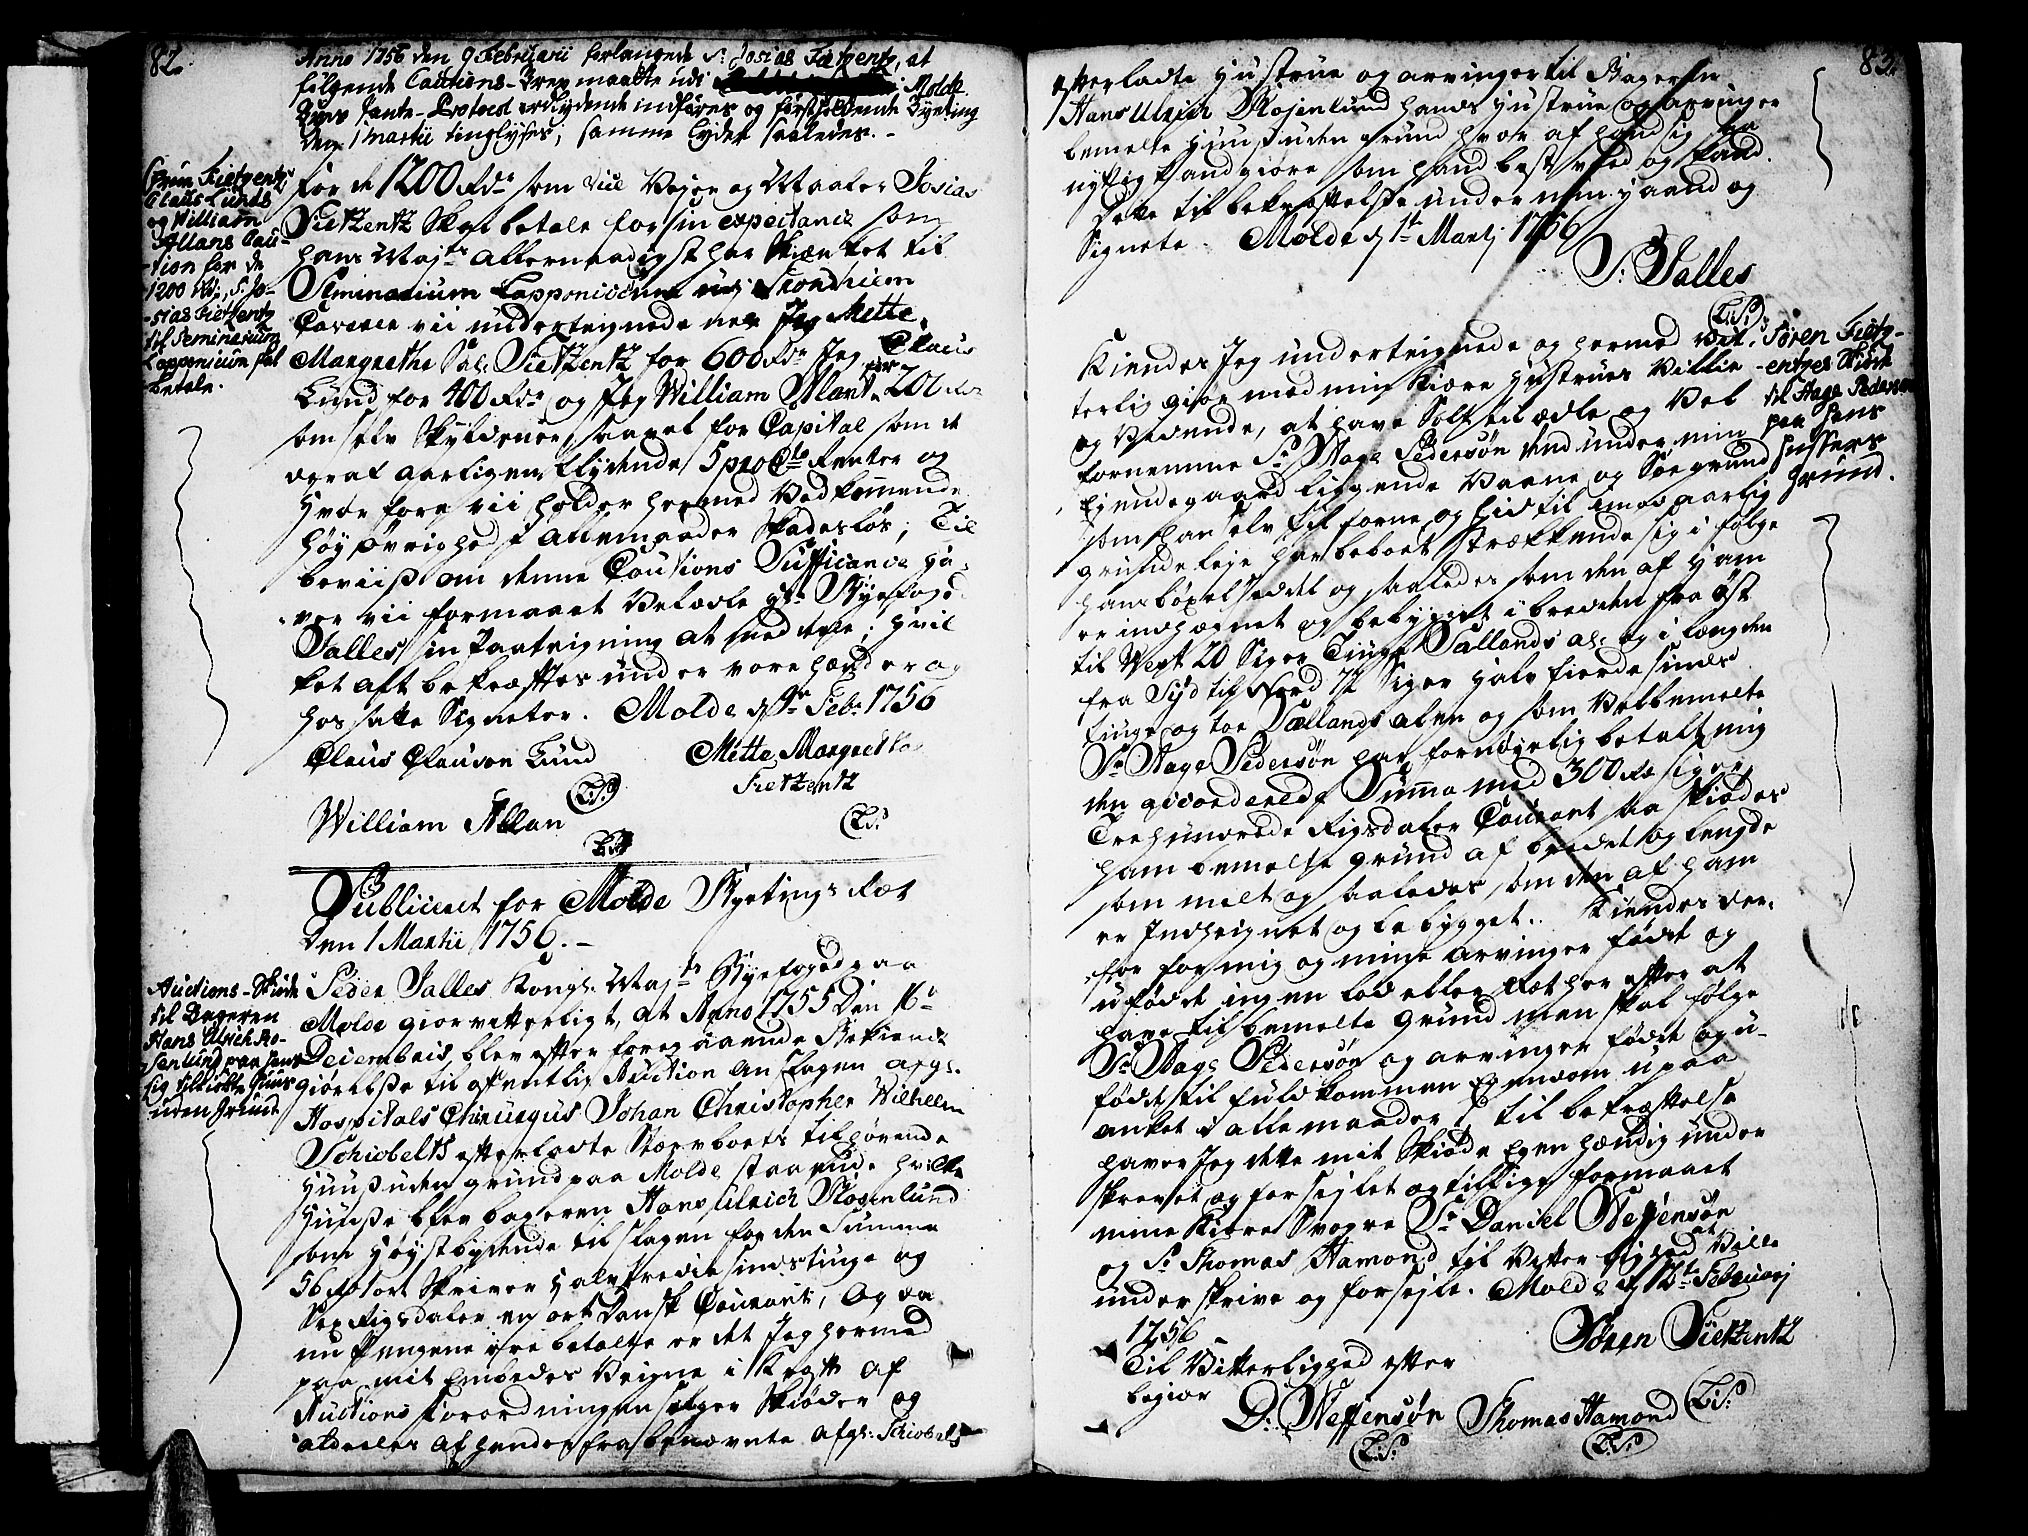 SAT, Molde byfogd, 2/2C/L0001: Pantebok nr. 1, 1748-1823, s. 82-83